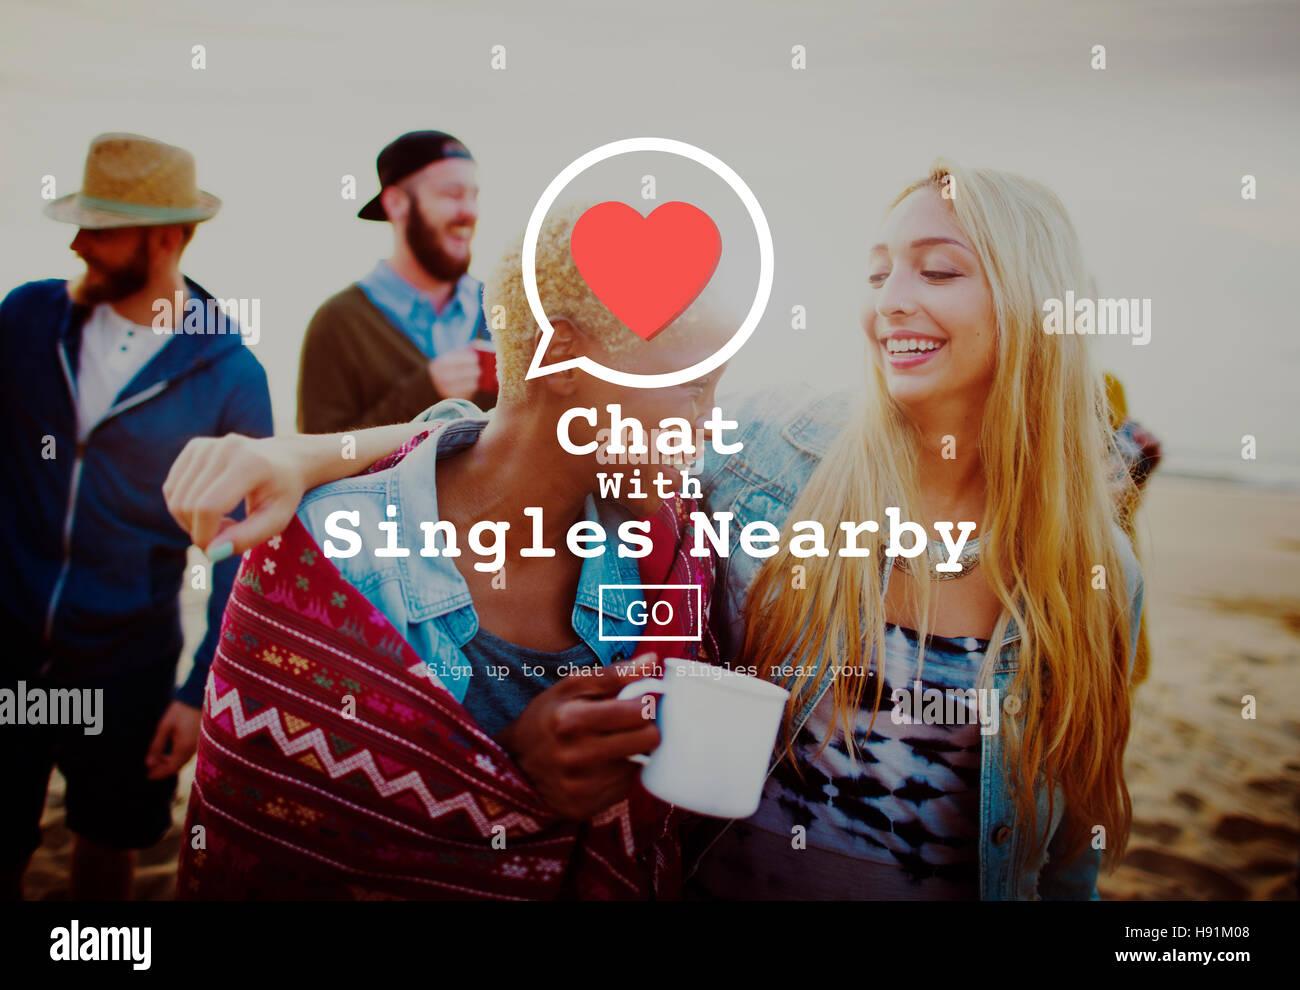 Dating chat singler